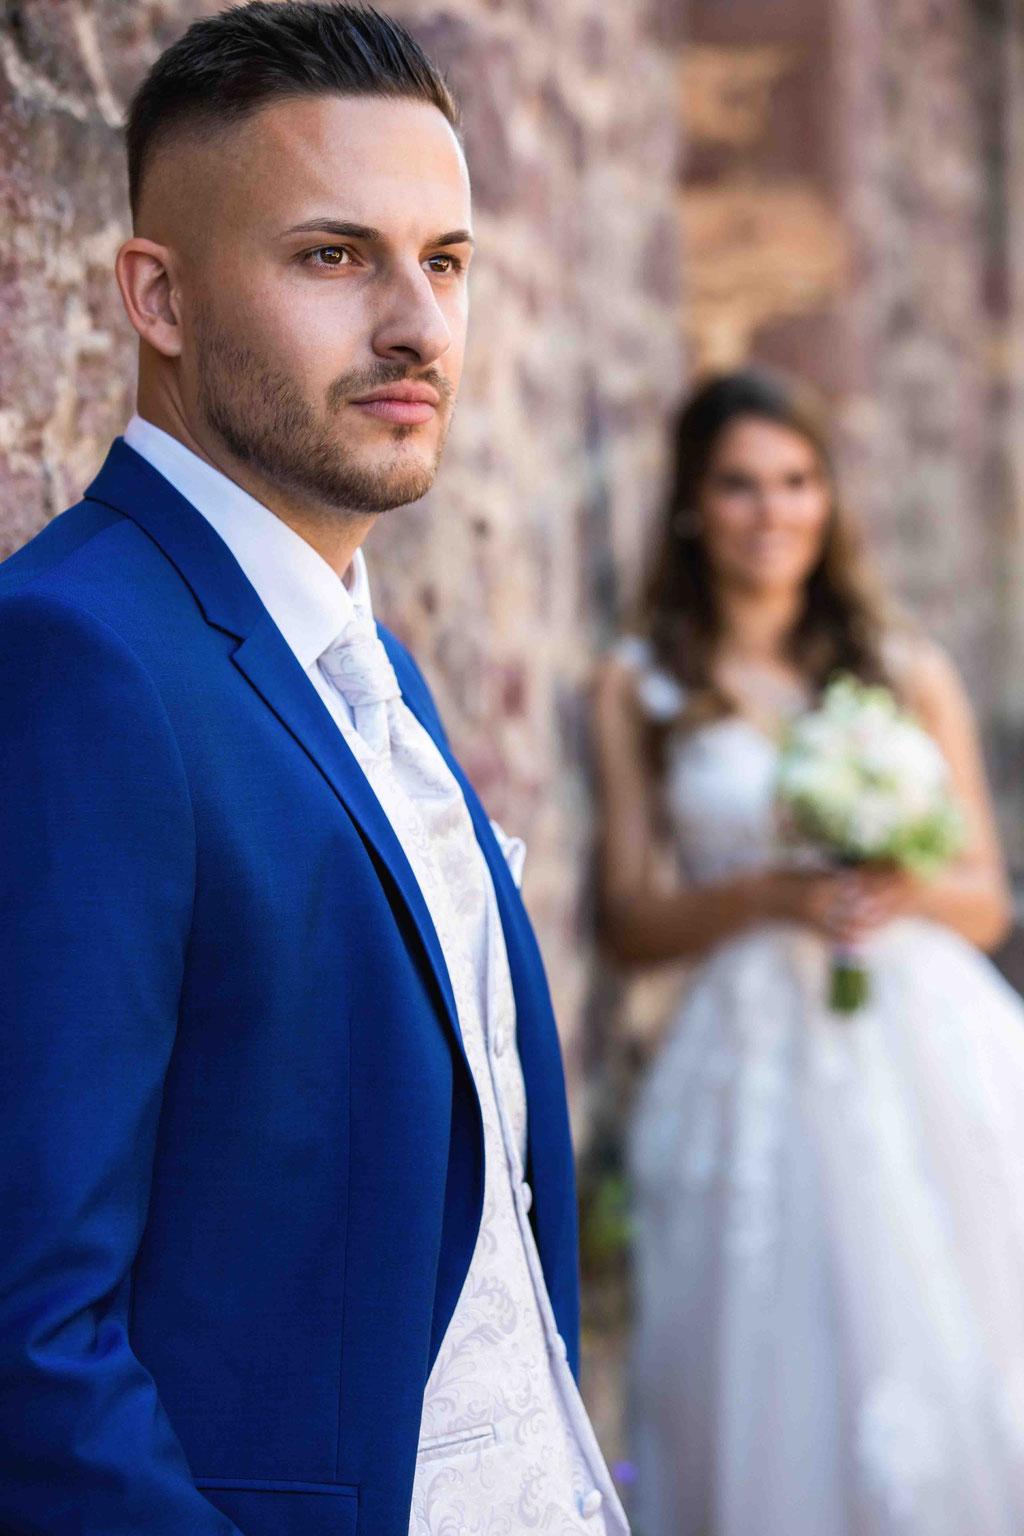 Hochzeit: Weststadtbar Darmstadt, Mainzer Straße 106, 64293 Darmstadt - Hochzeitsfotograf, Hochzeitsbilder mit Schärfentiefe, Bewegte Hochzeitsfotografie, bewegte Hochzeitsbilder, bewegte Hochzeitsfotos